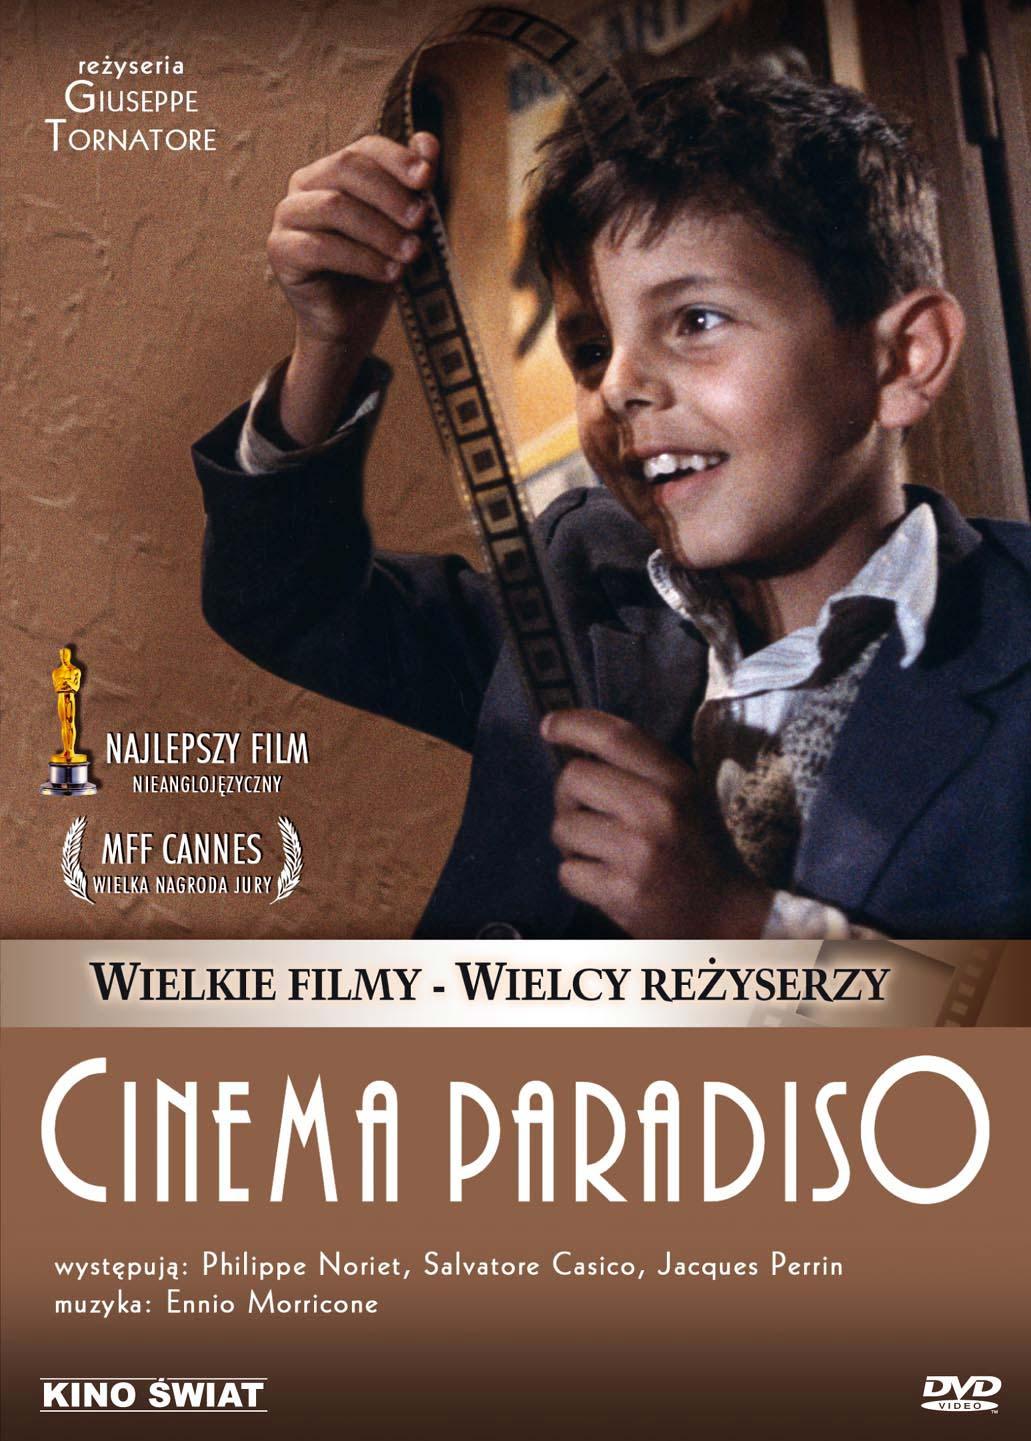 Peliculas italianas Cinema%2Bparadiso